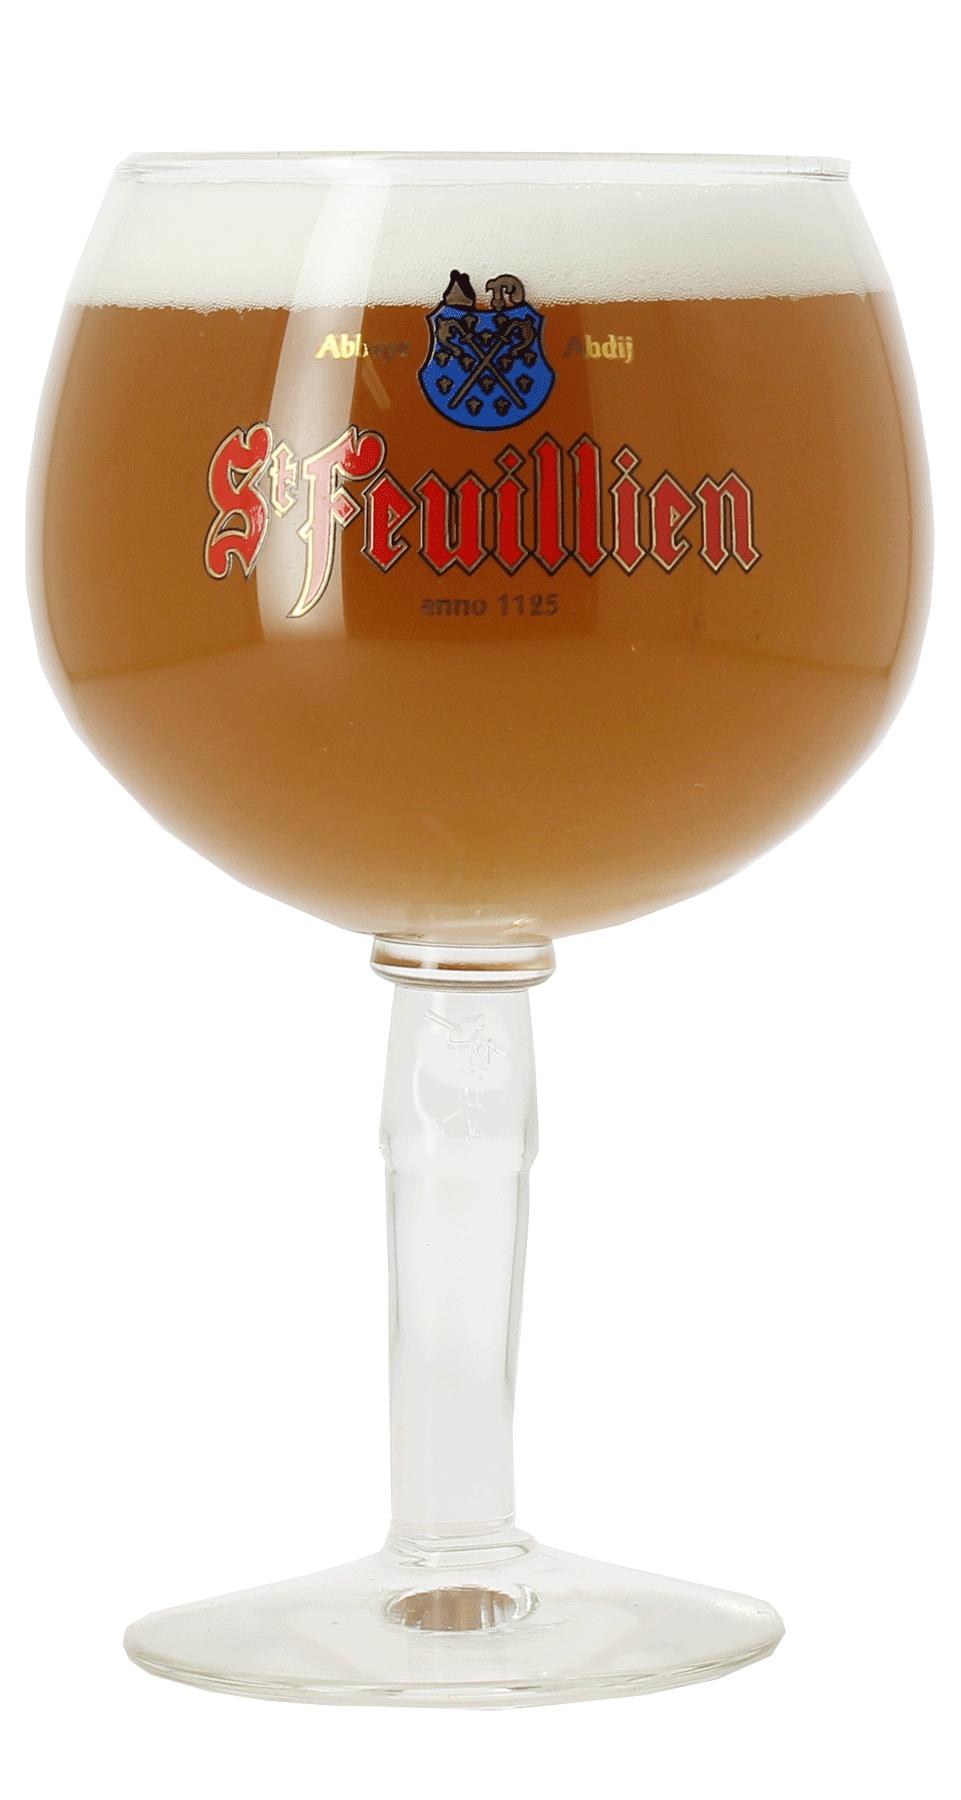 Copa St Feuillien - 25 cl